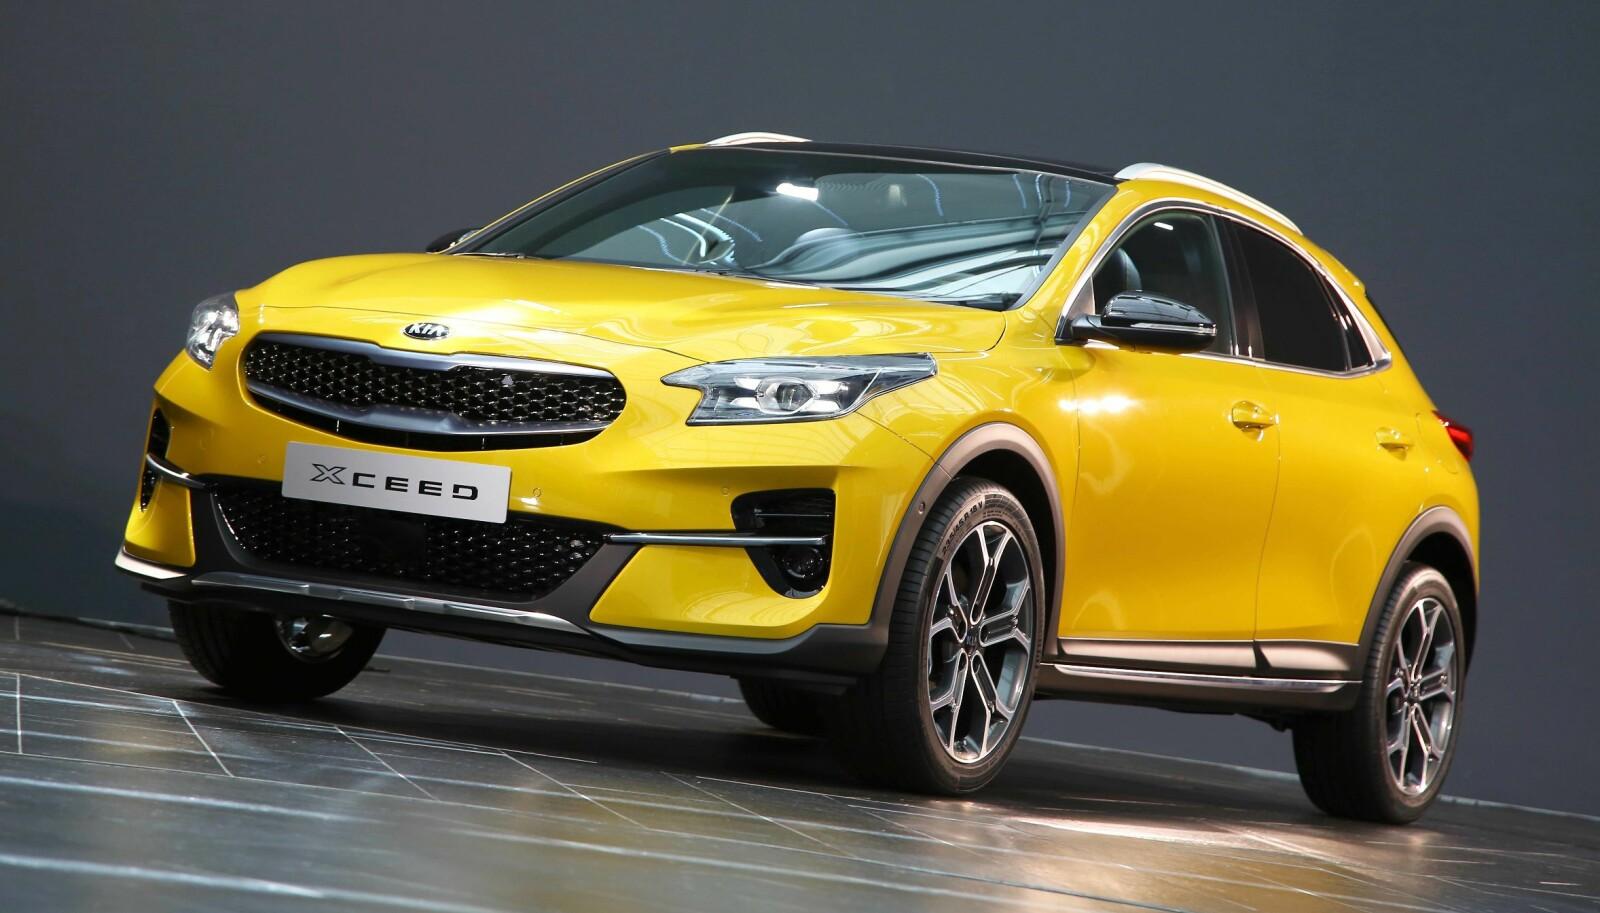 LENGDE: XCeed er temmelig nøyaktig like lang som Nissan Qashqai, en av de største crossover-suksessene i Norge.